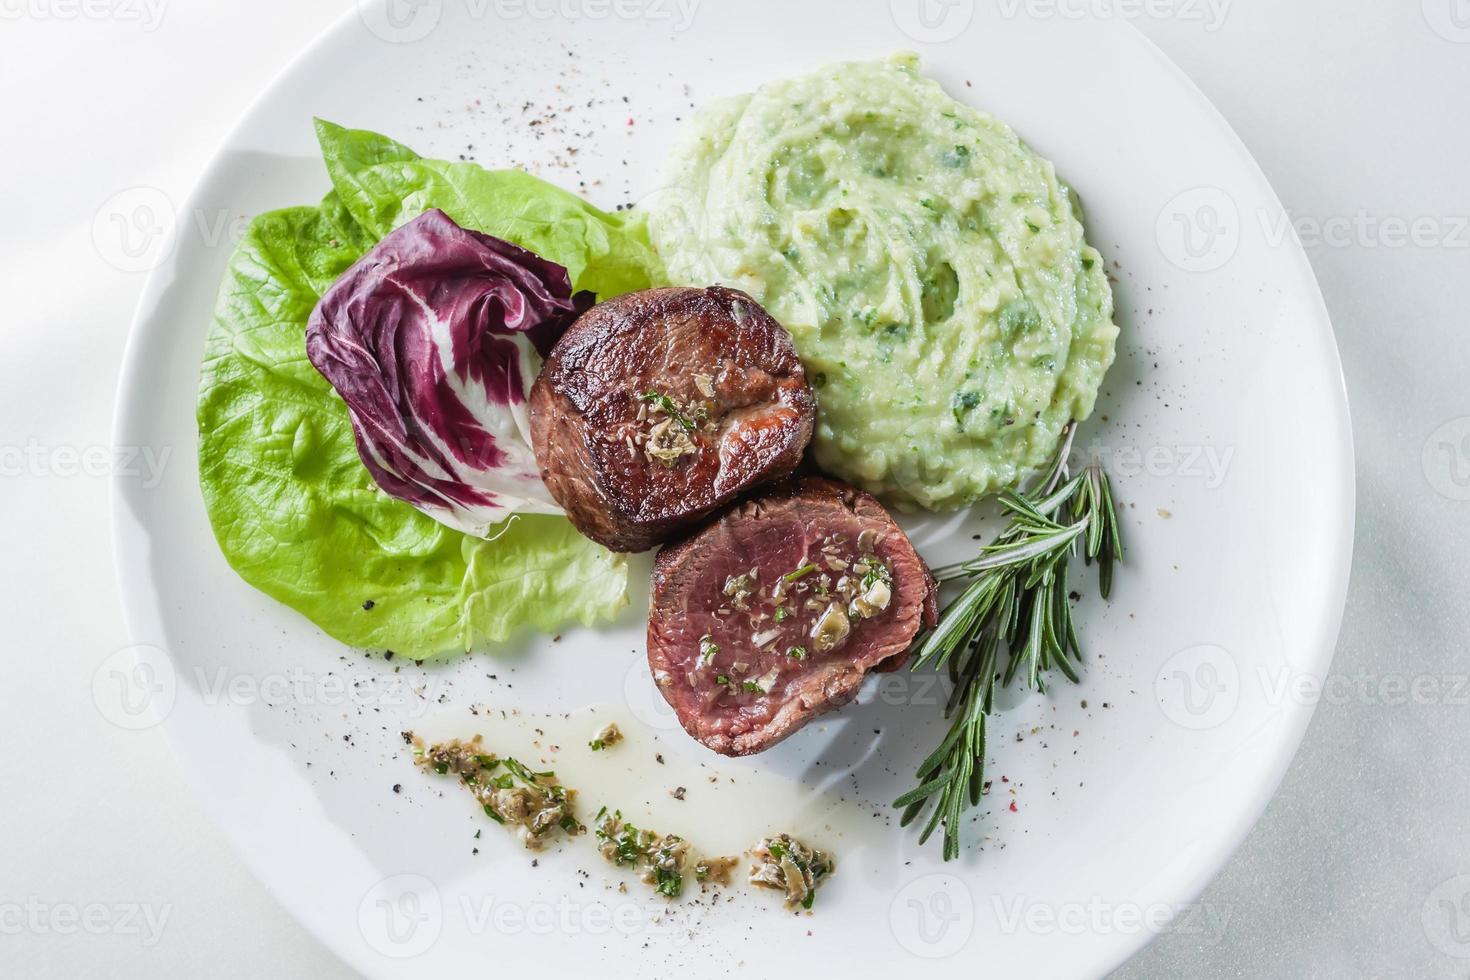 biefstuk met sla, rozemarijn en aardappelpuree foto